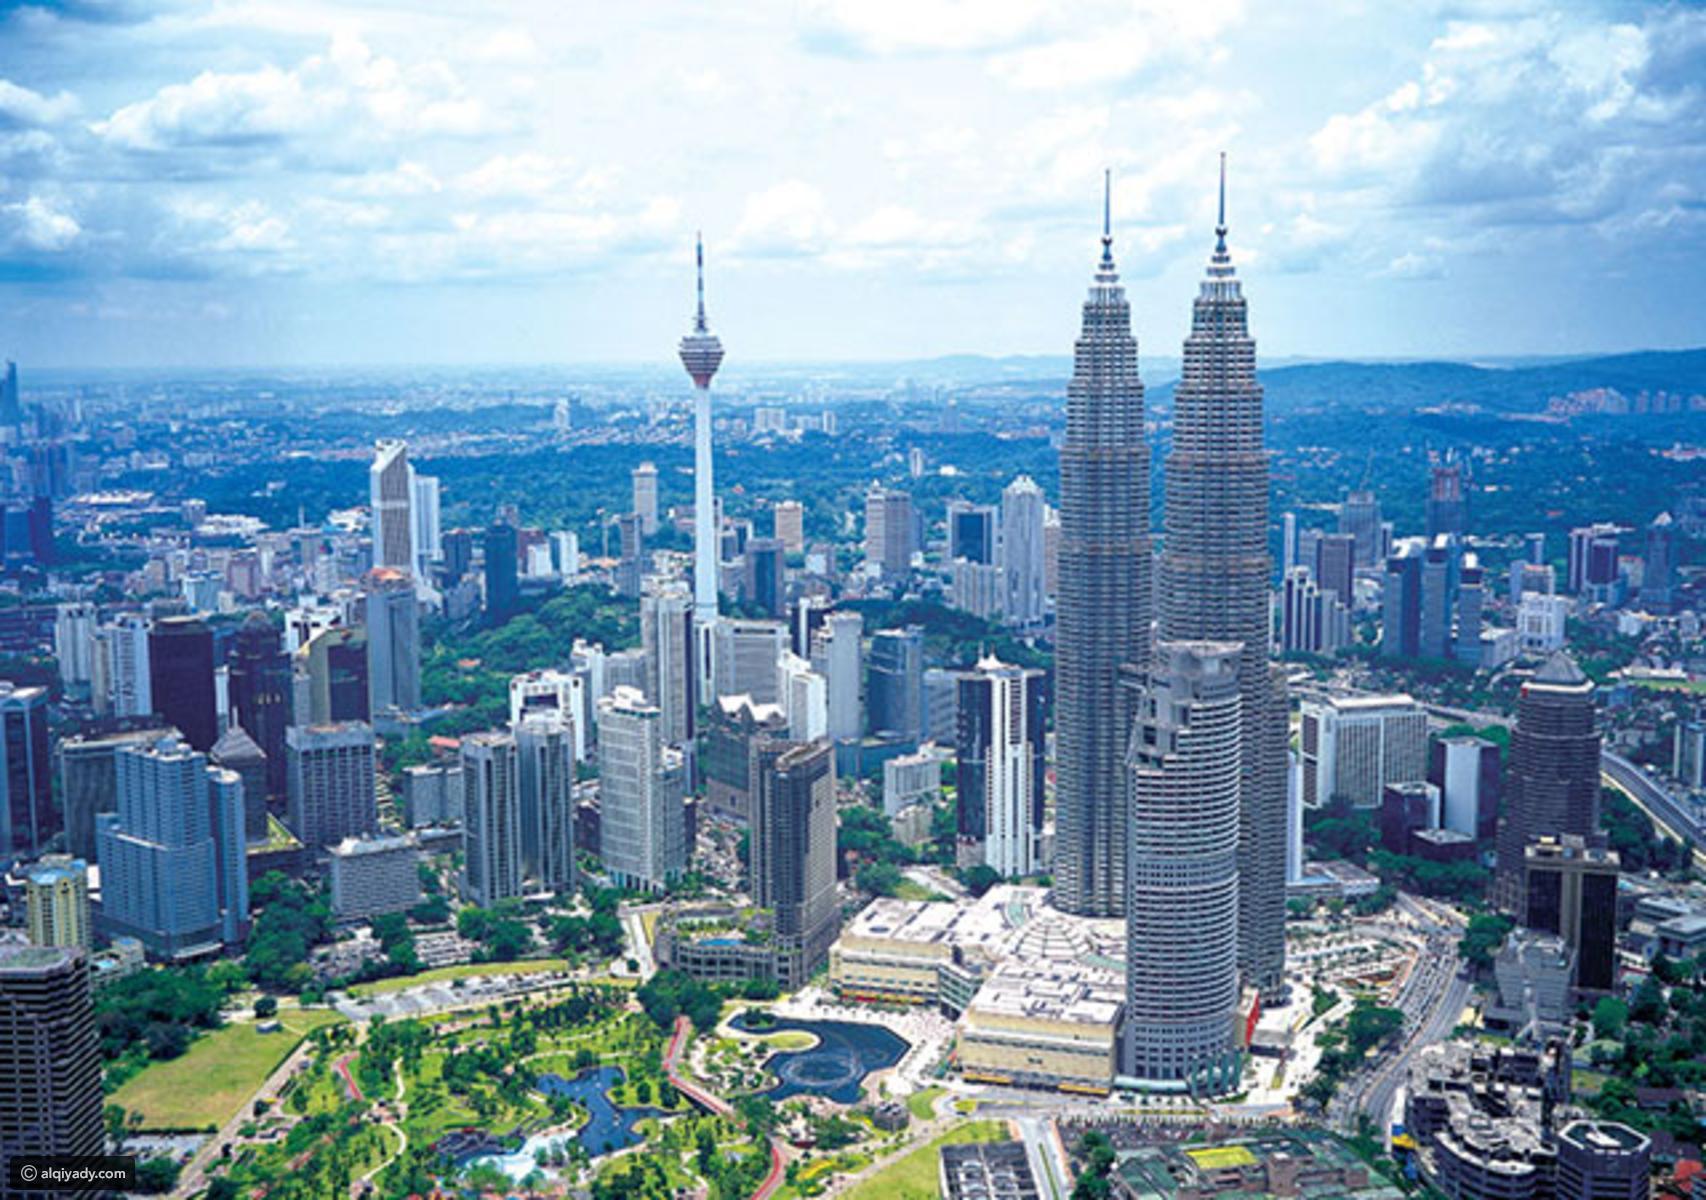 بالصور صور عن ماليزيا , اجمل صورة التقطت في ماليزيا 1480 6